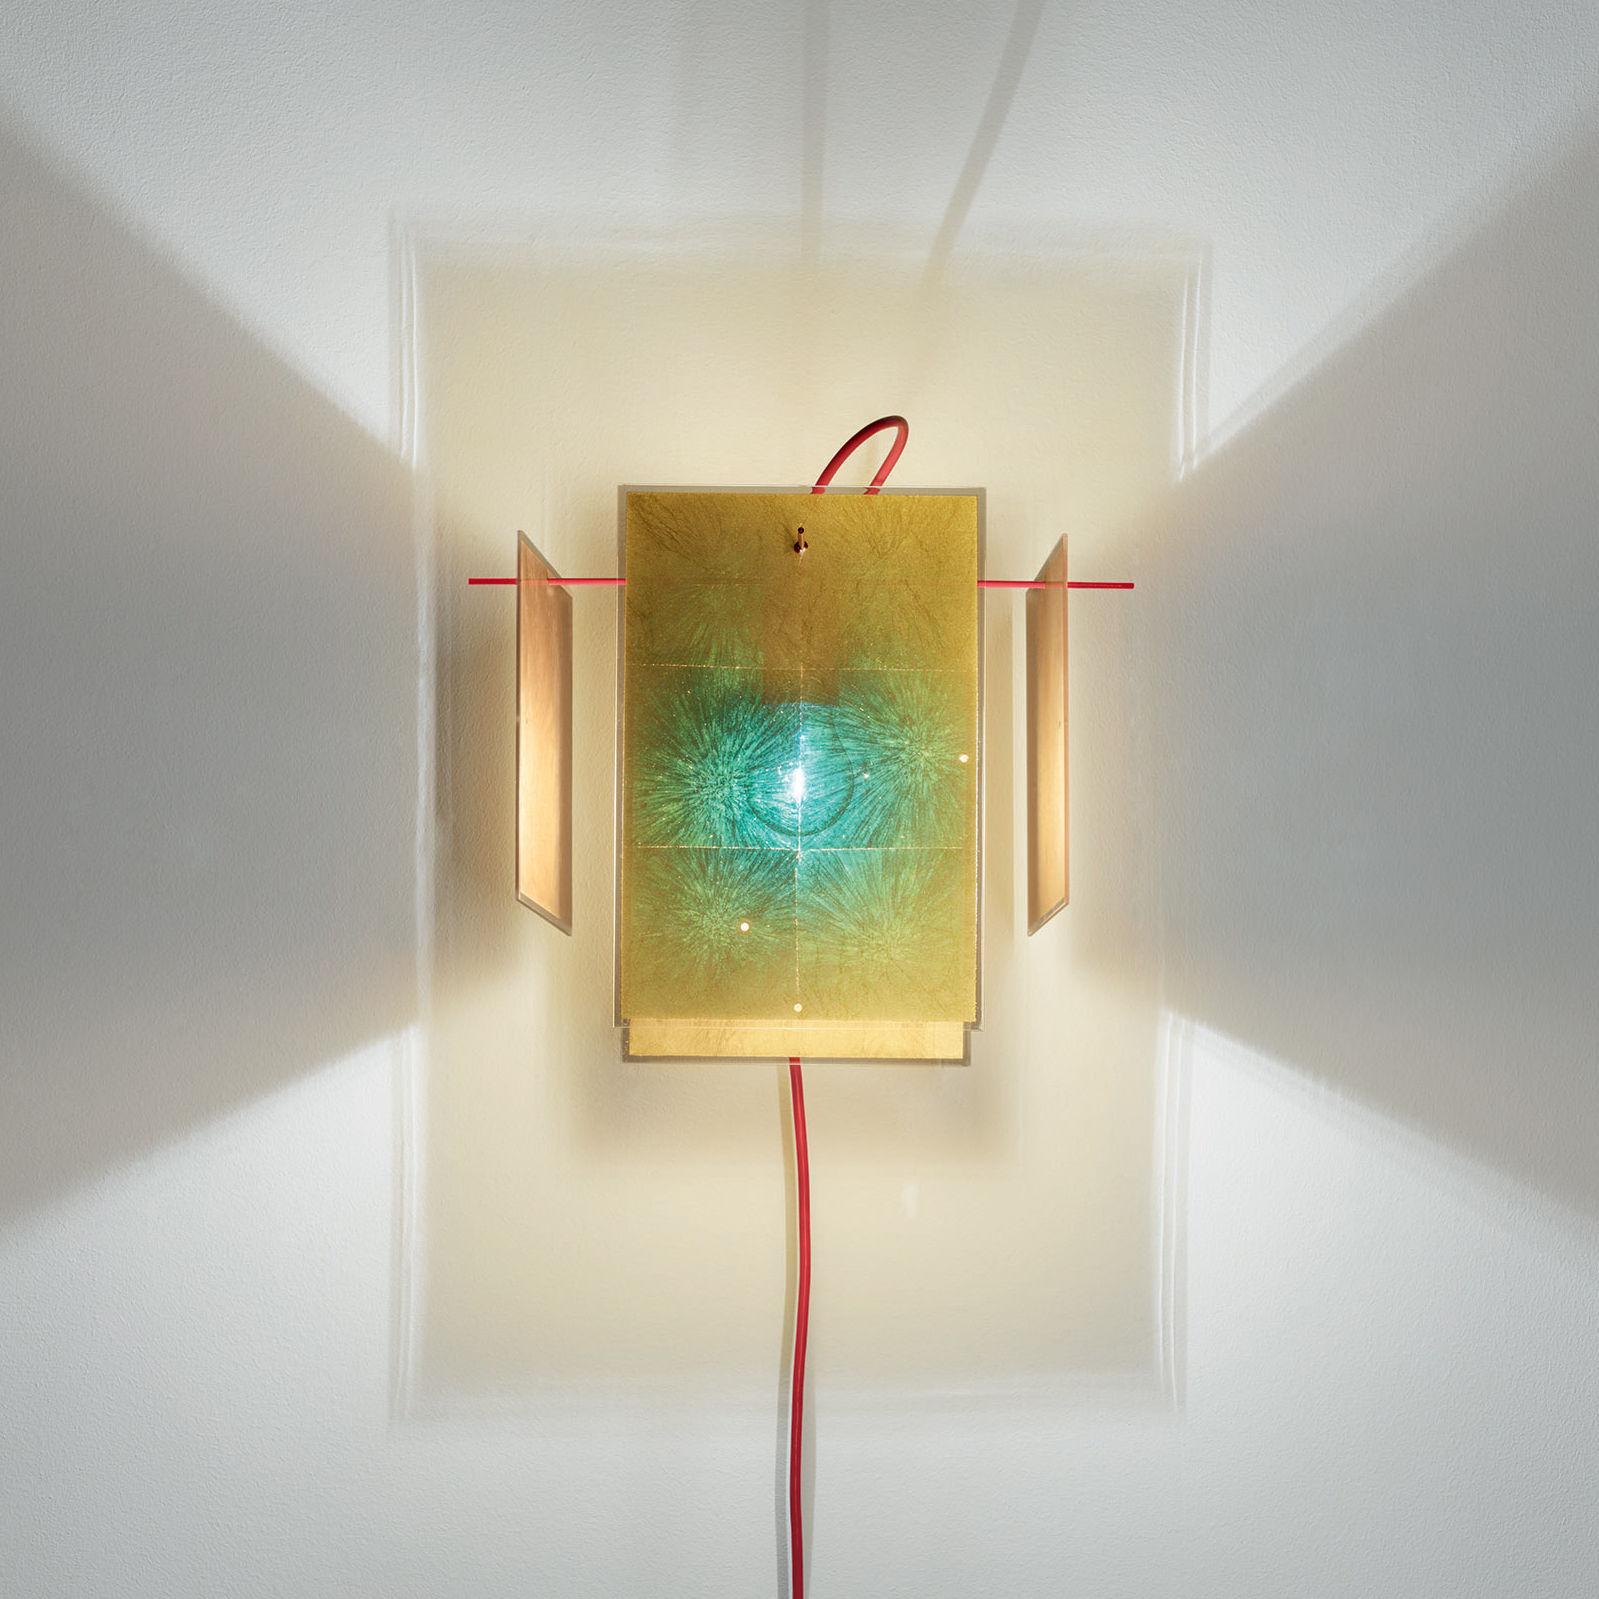 Leuchten - Wandleuchten - 24 Karat Blau Wandleuchte mit Stromkabel / mit Blattgold - Ingo Maurer - Gold & rot - Blattgold, lackiertes Metall, Plastikmaterial